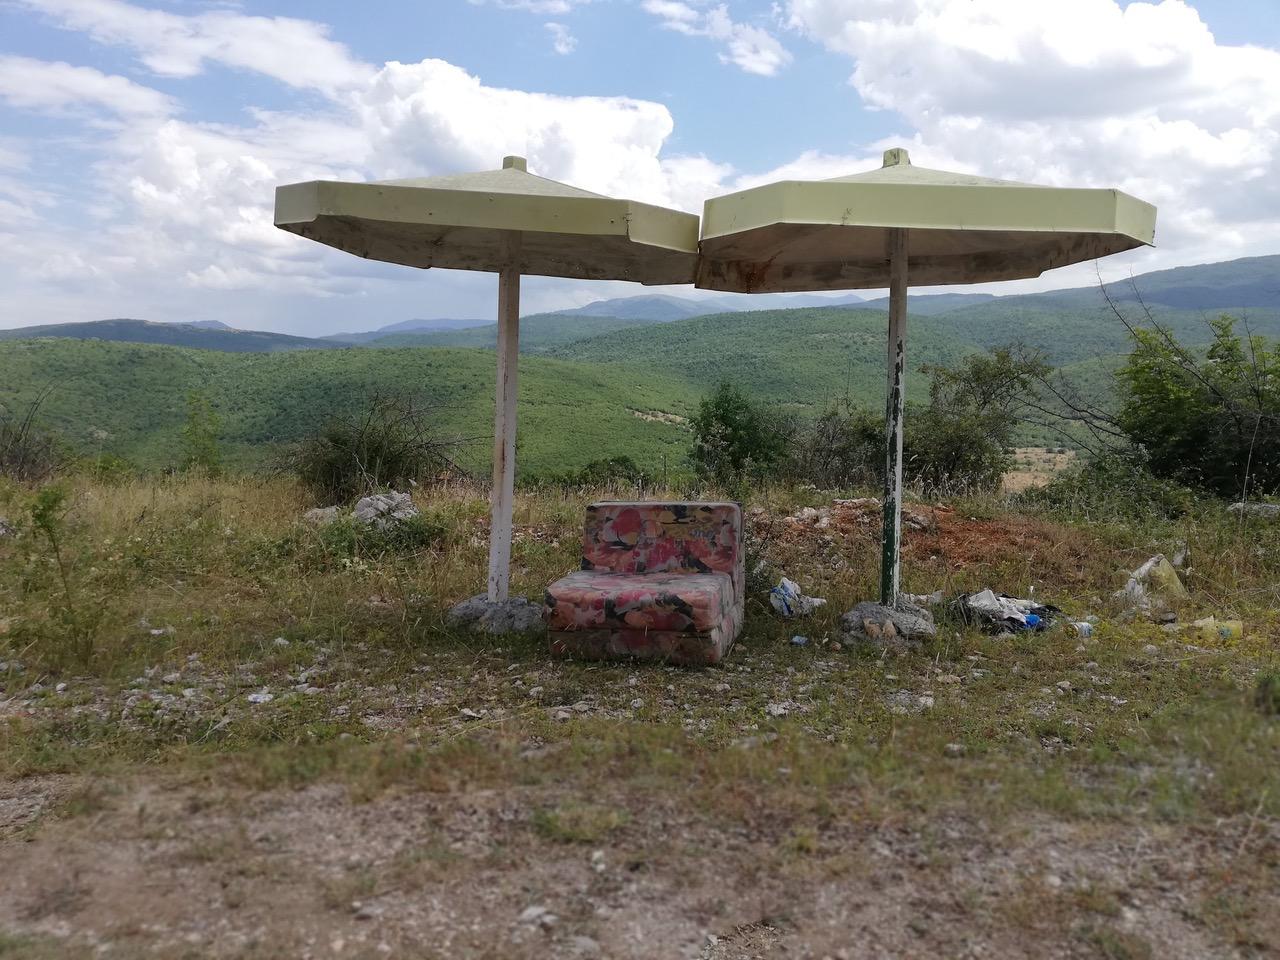 Die Volkszählung in Nordmazedonien - (un)überbrückbare Konfliktlinien